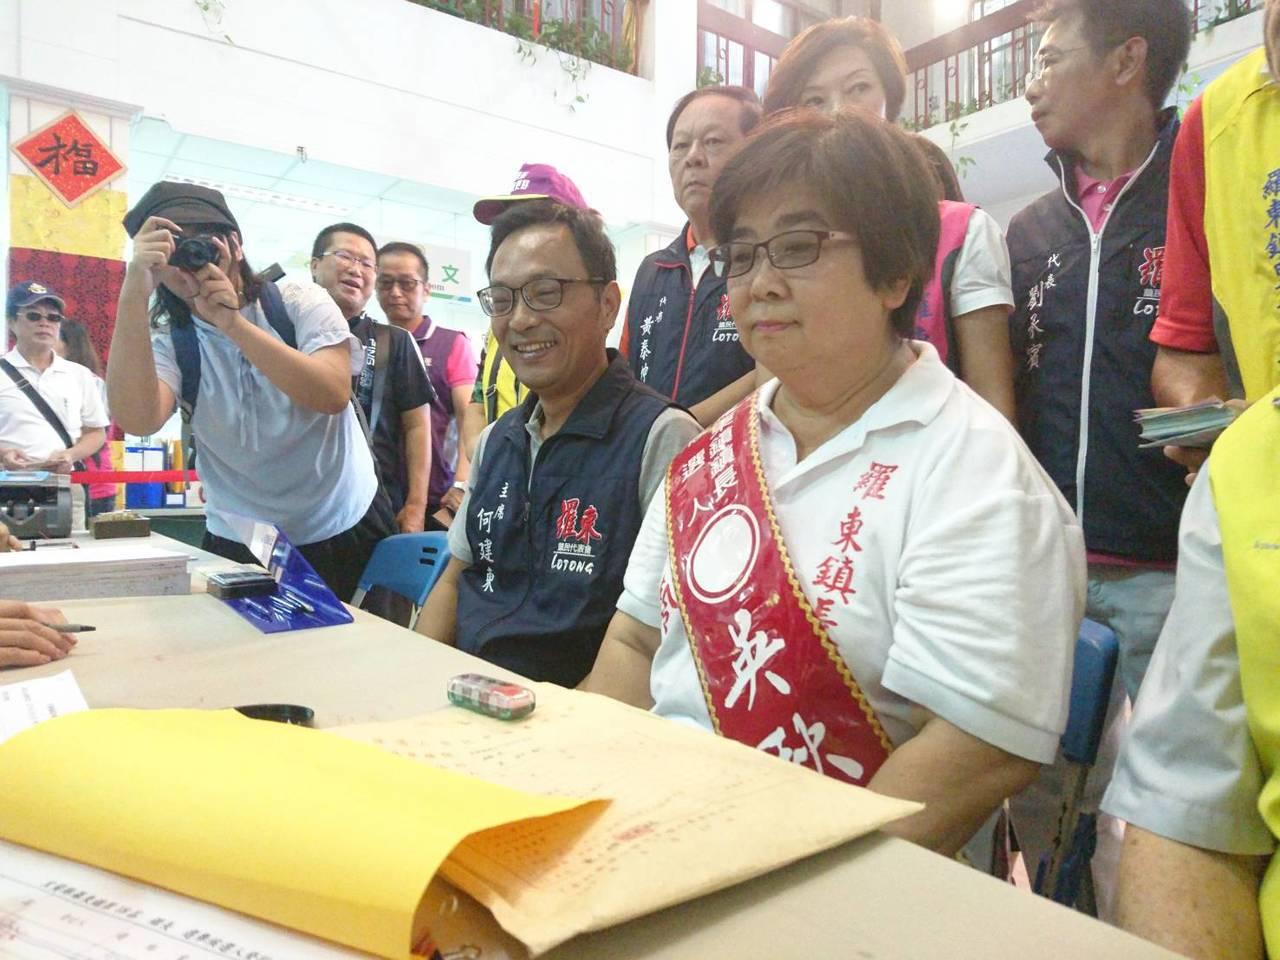 宜蘭縣羅東鎮長3位參選人都是女性,圖為參選人吳秋齡。資料照片